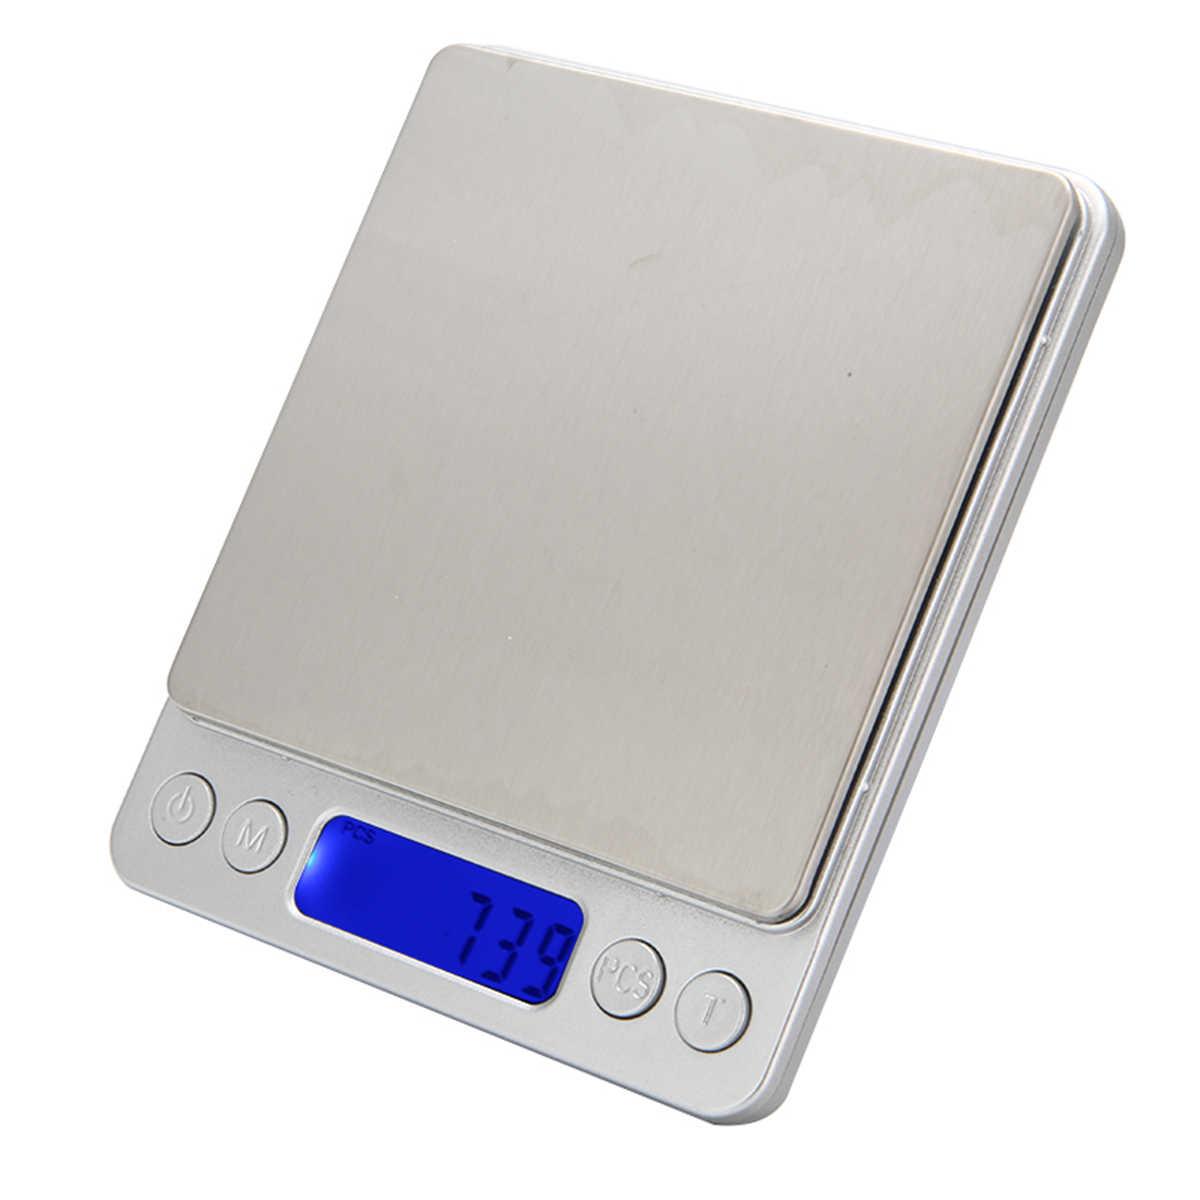 Цифровые Мини-весы 500 г/0,01 г с ЖК-дисплеем, электронные весы для драгоценностей, кухонные весы